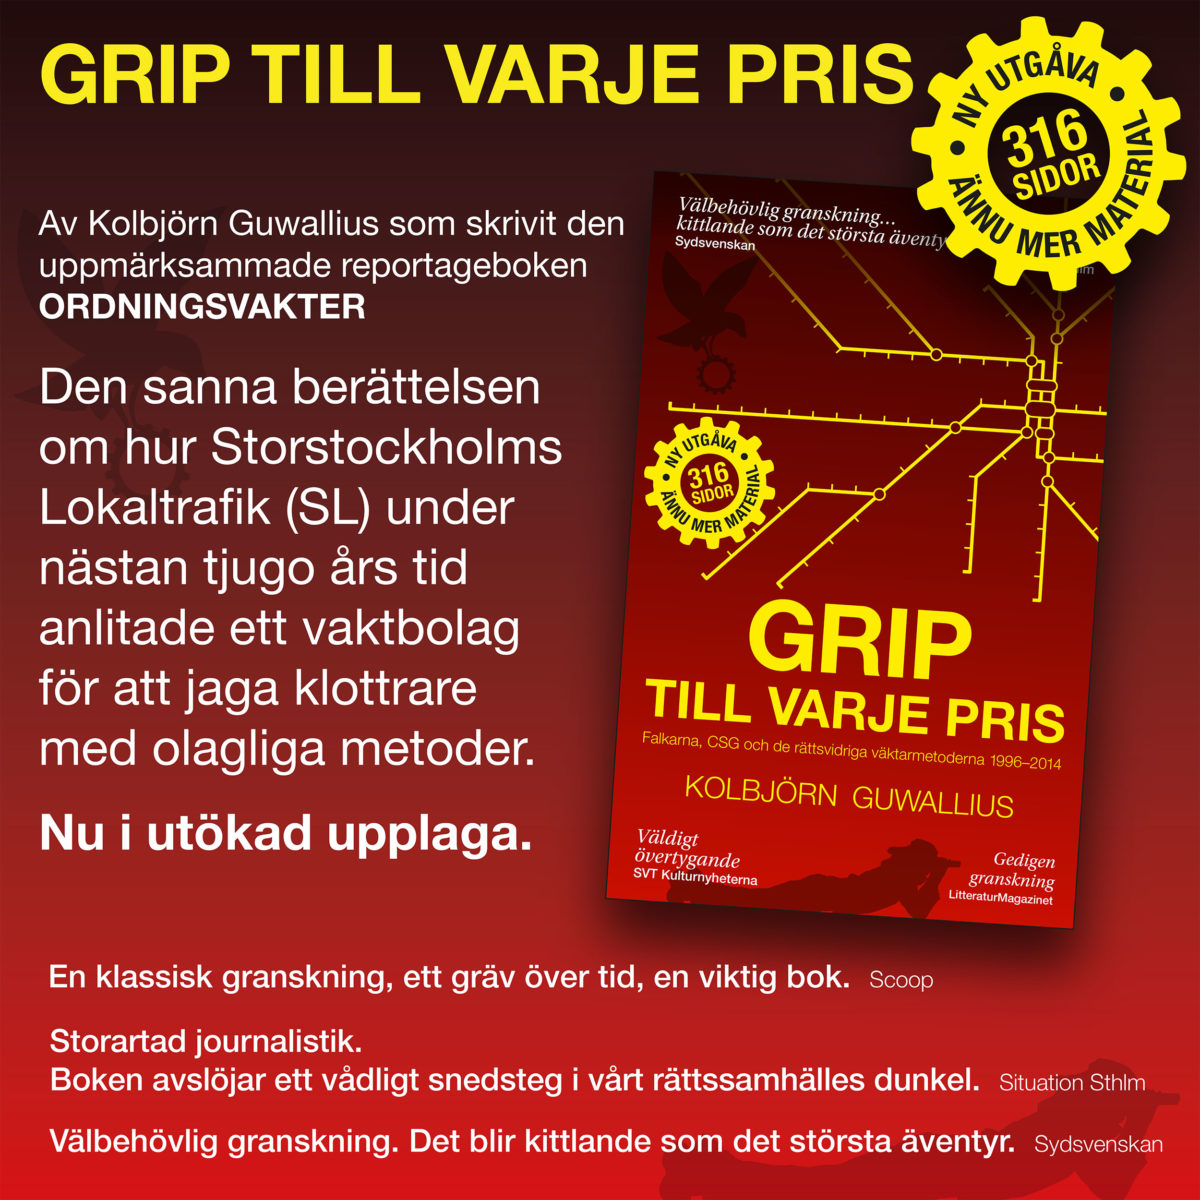 Ny utgåva av Grip till varje pris 2019!